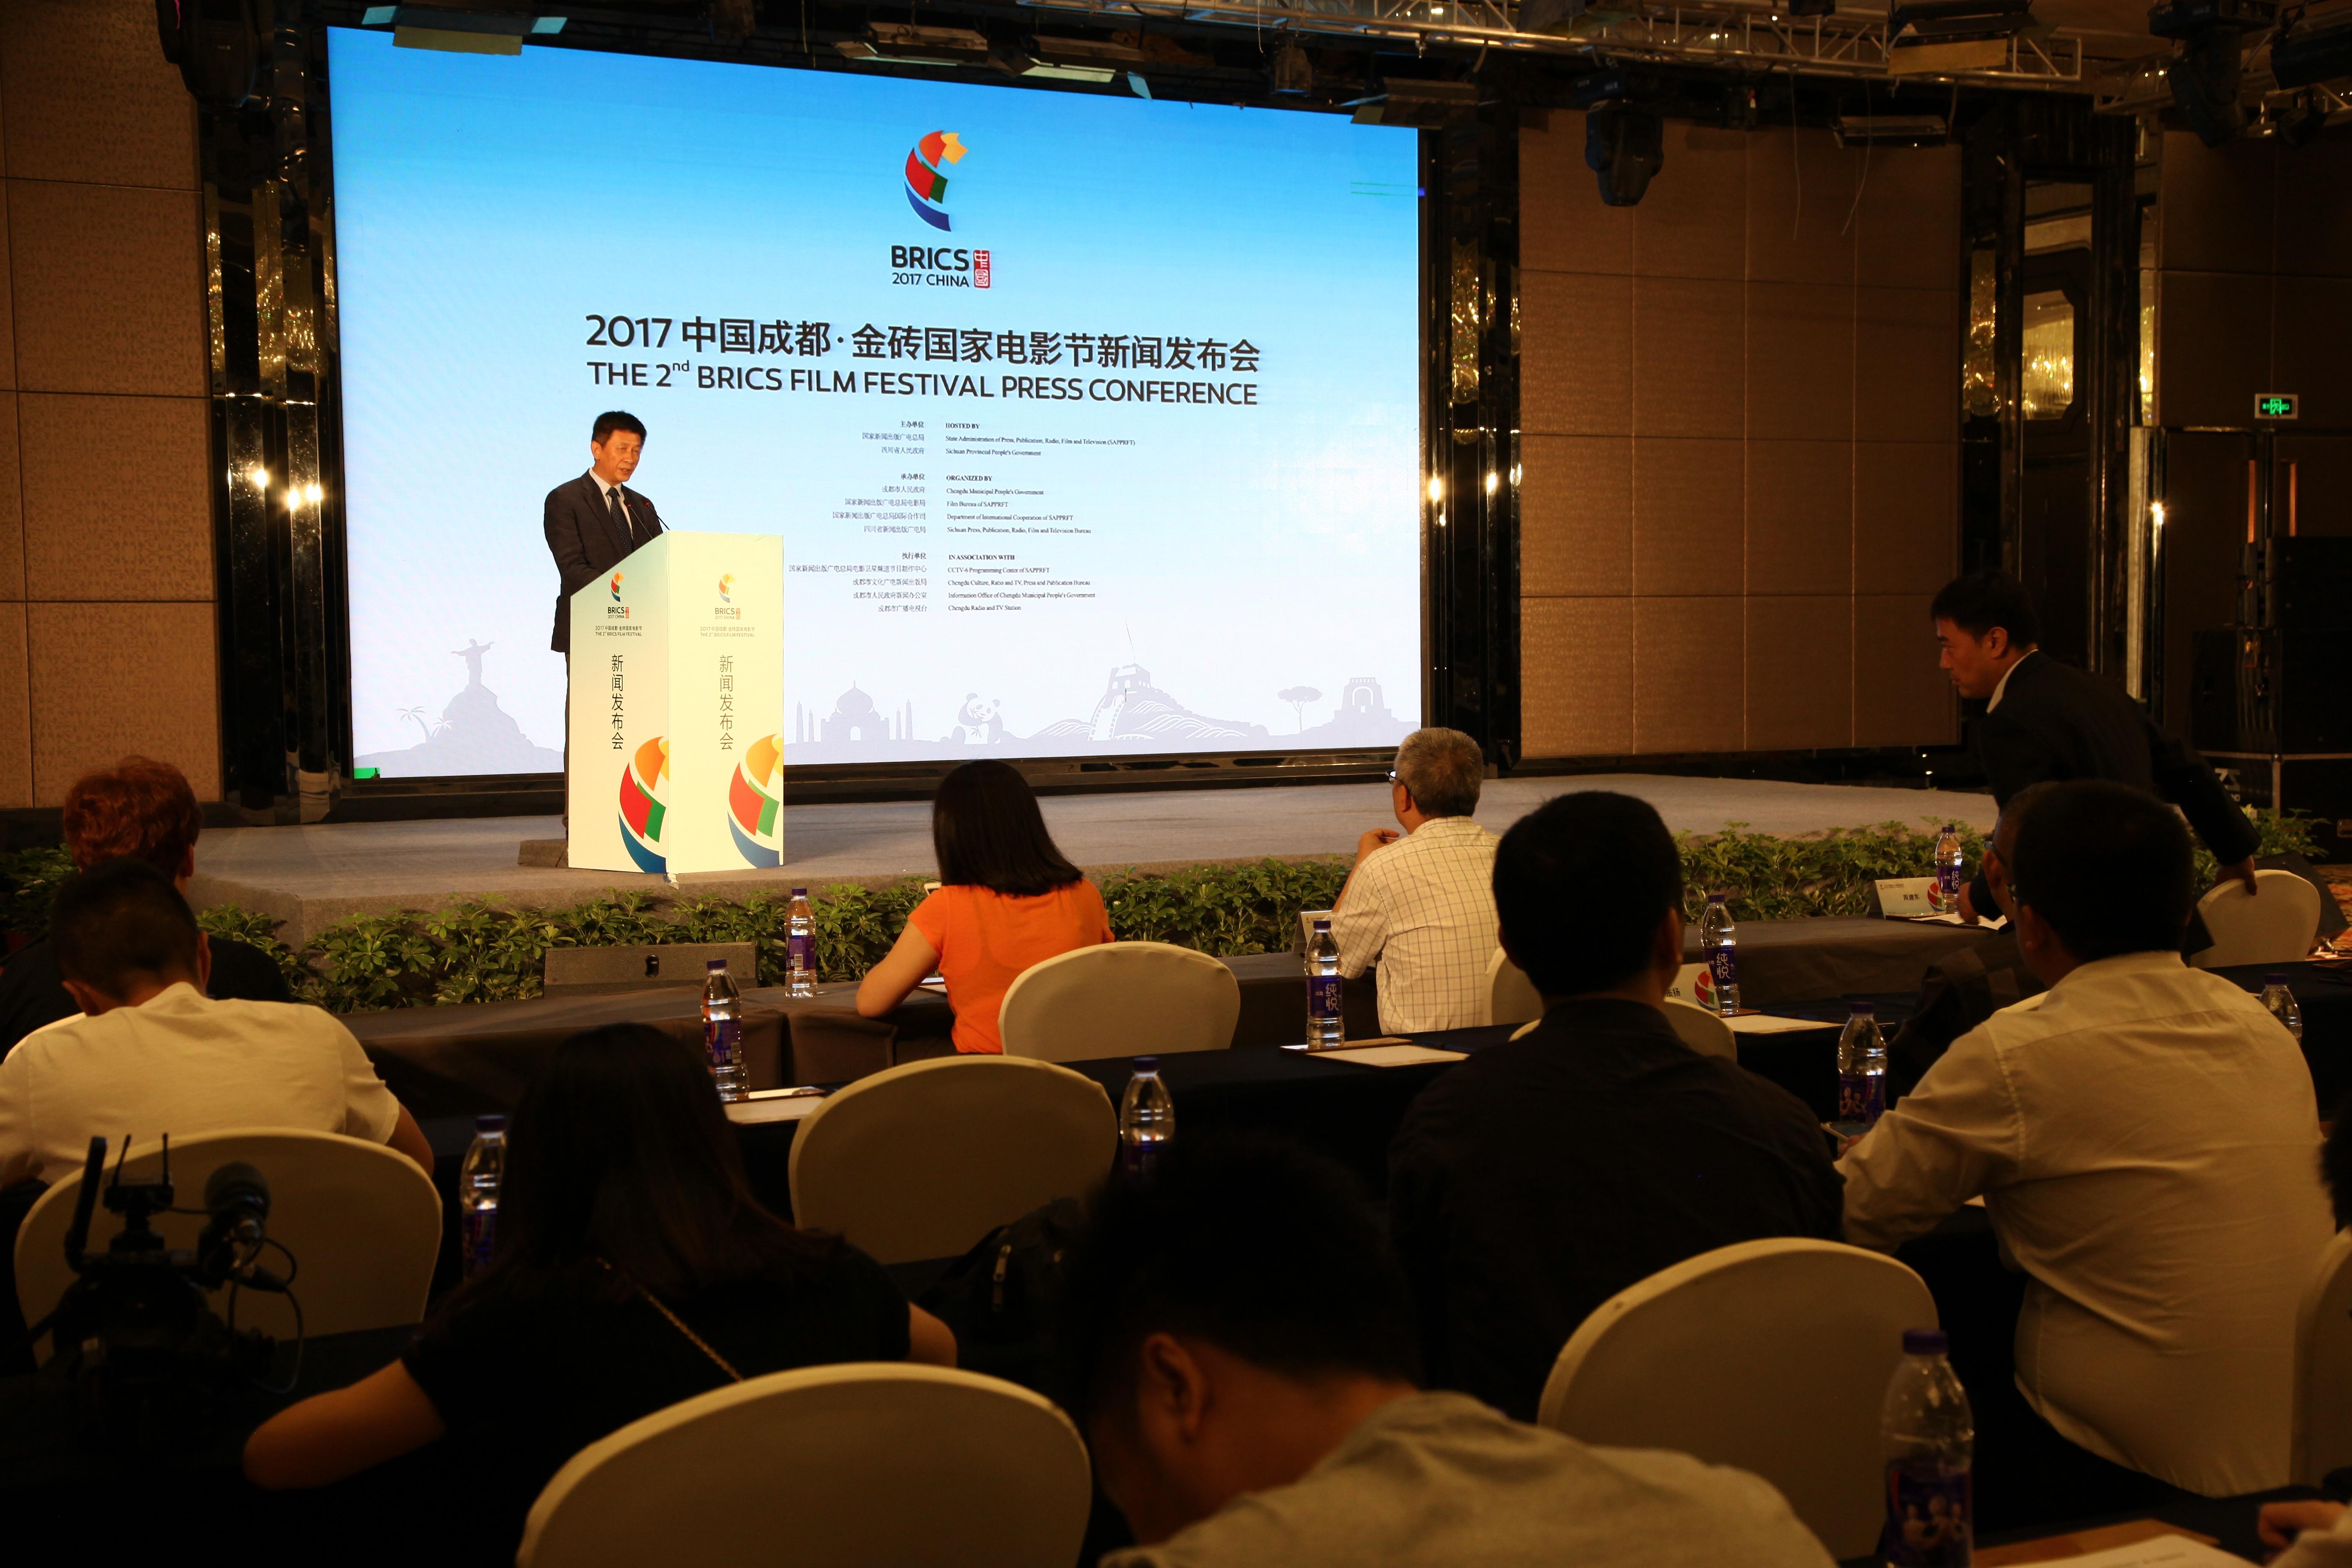 金砖国家电影节23日在成都举办 30部影片参展